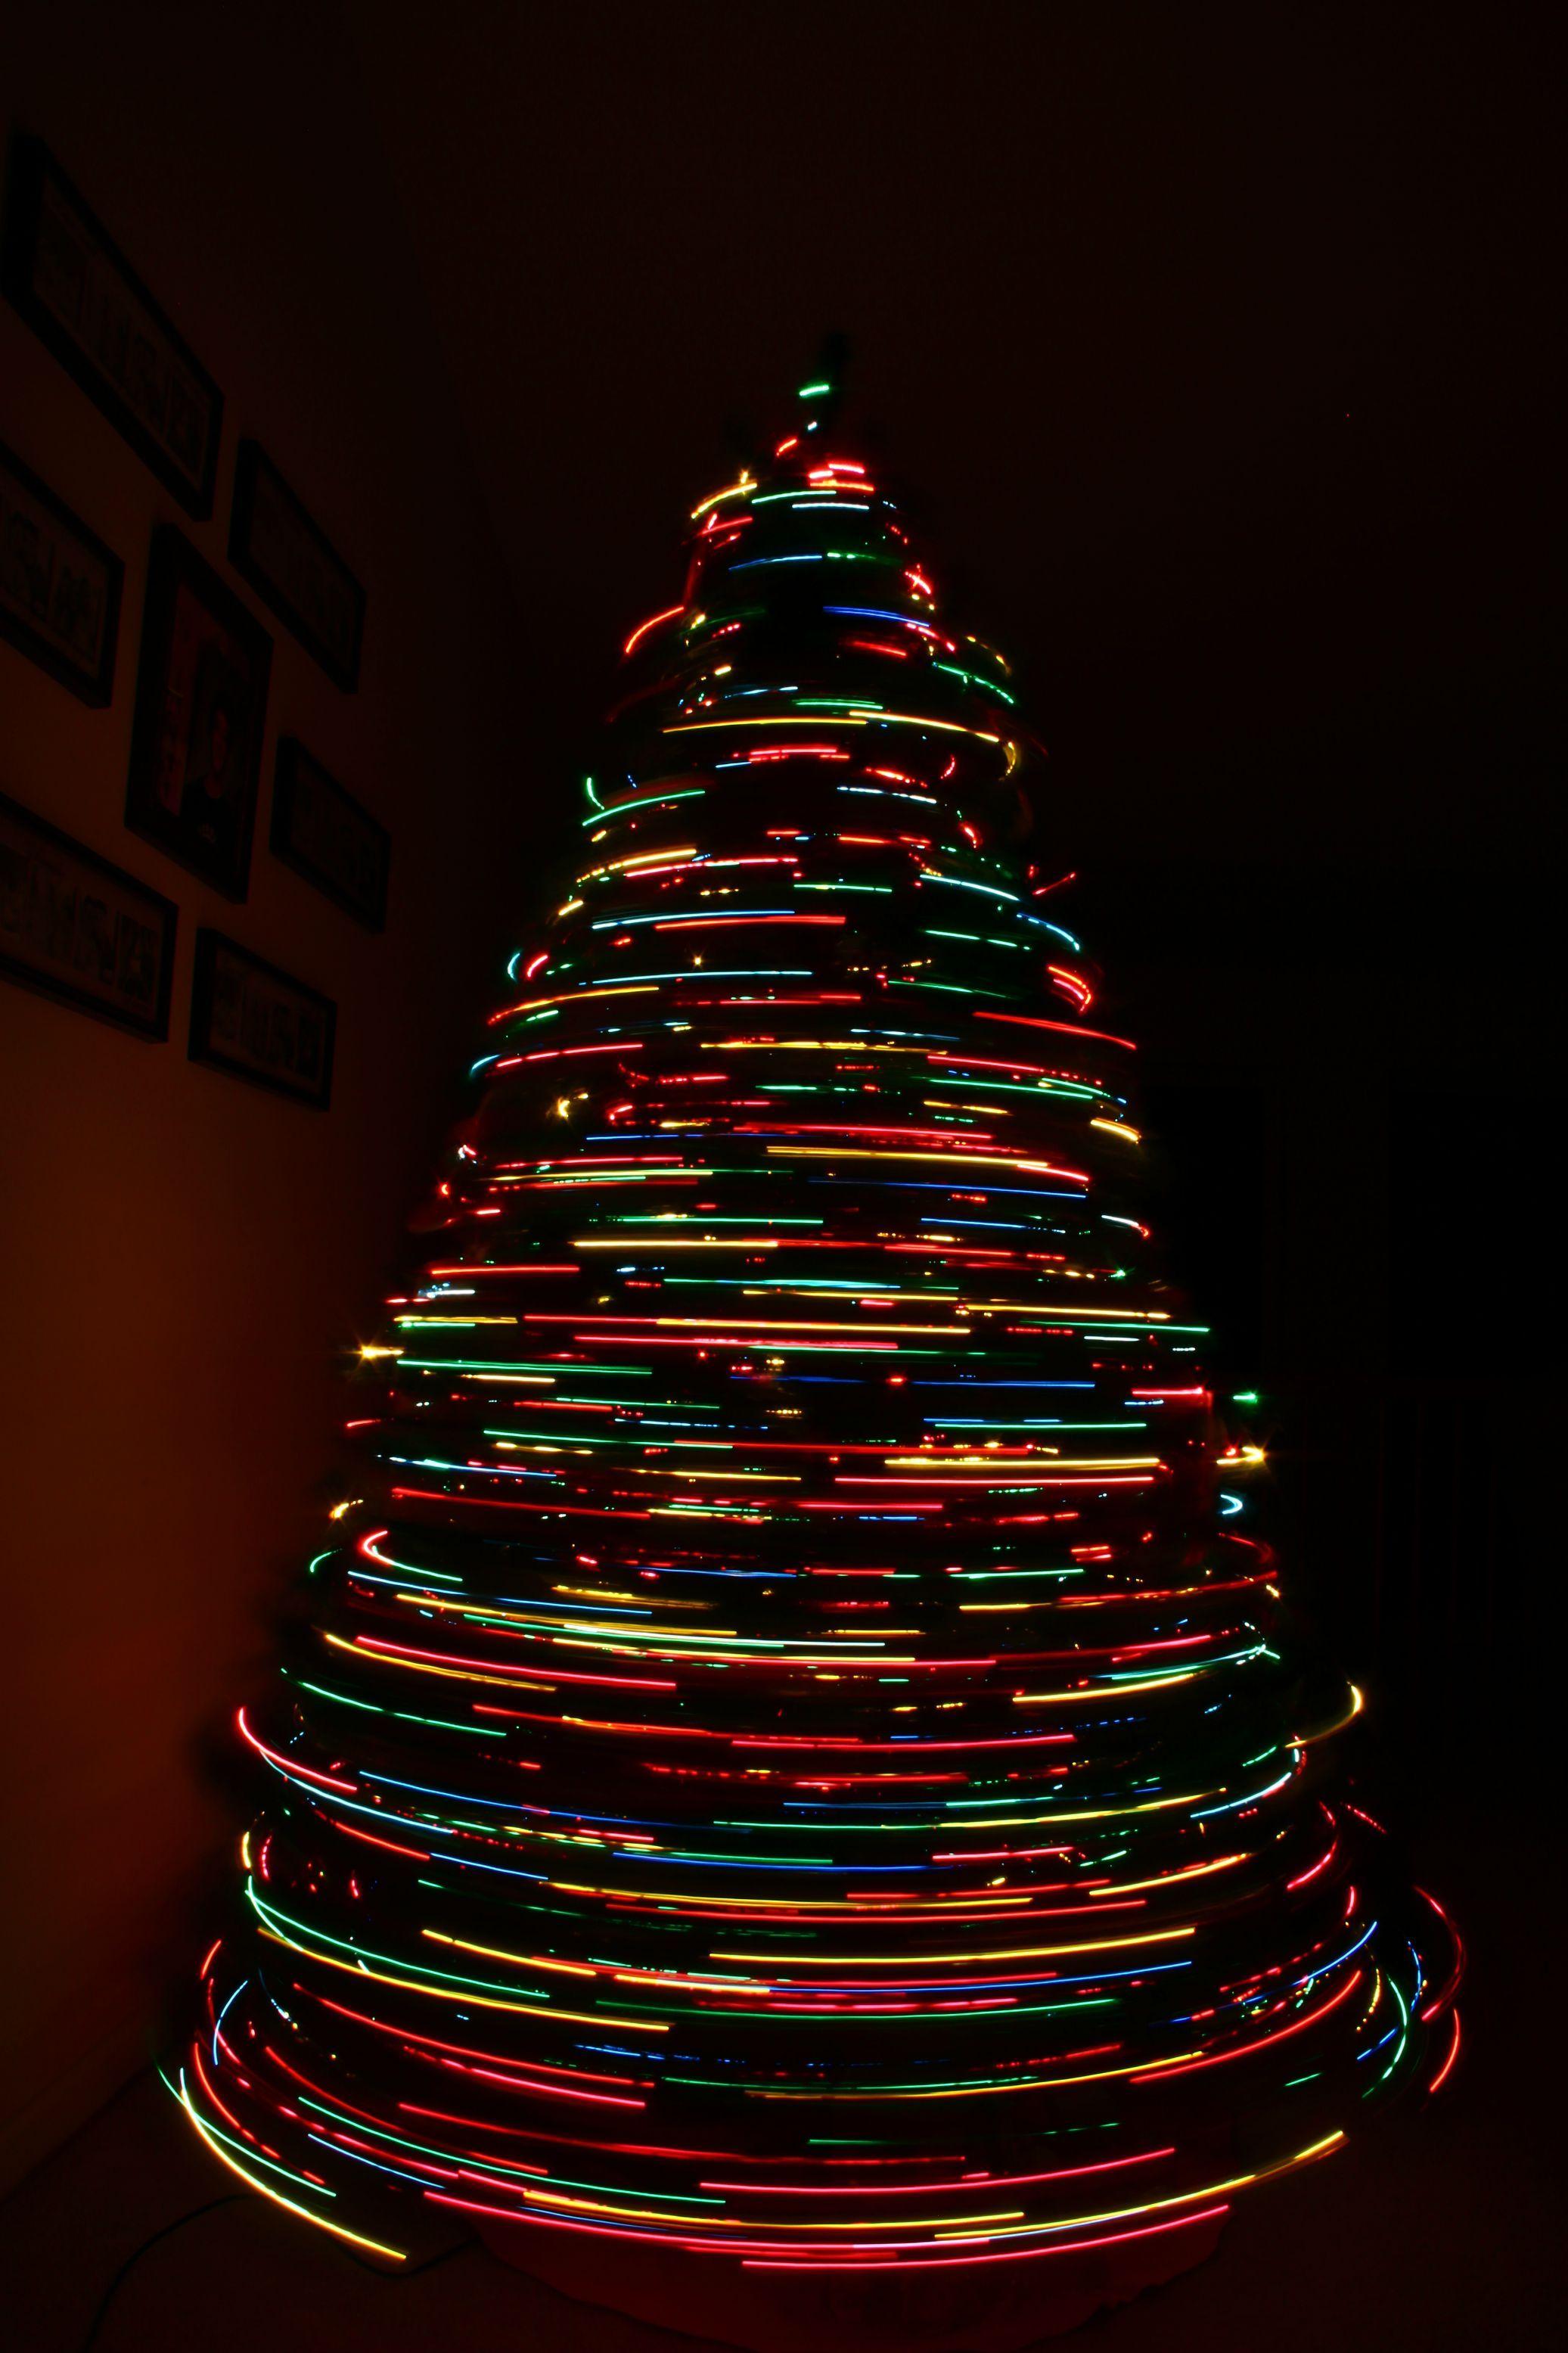 светочувствительный барабан создать елку из фотографий с эффектами обои клеить заметно